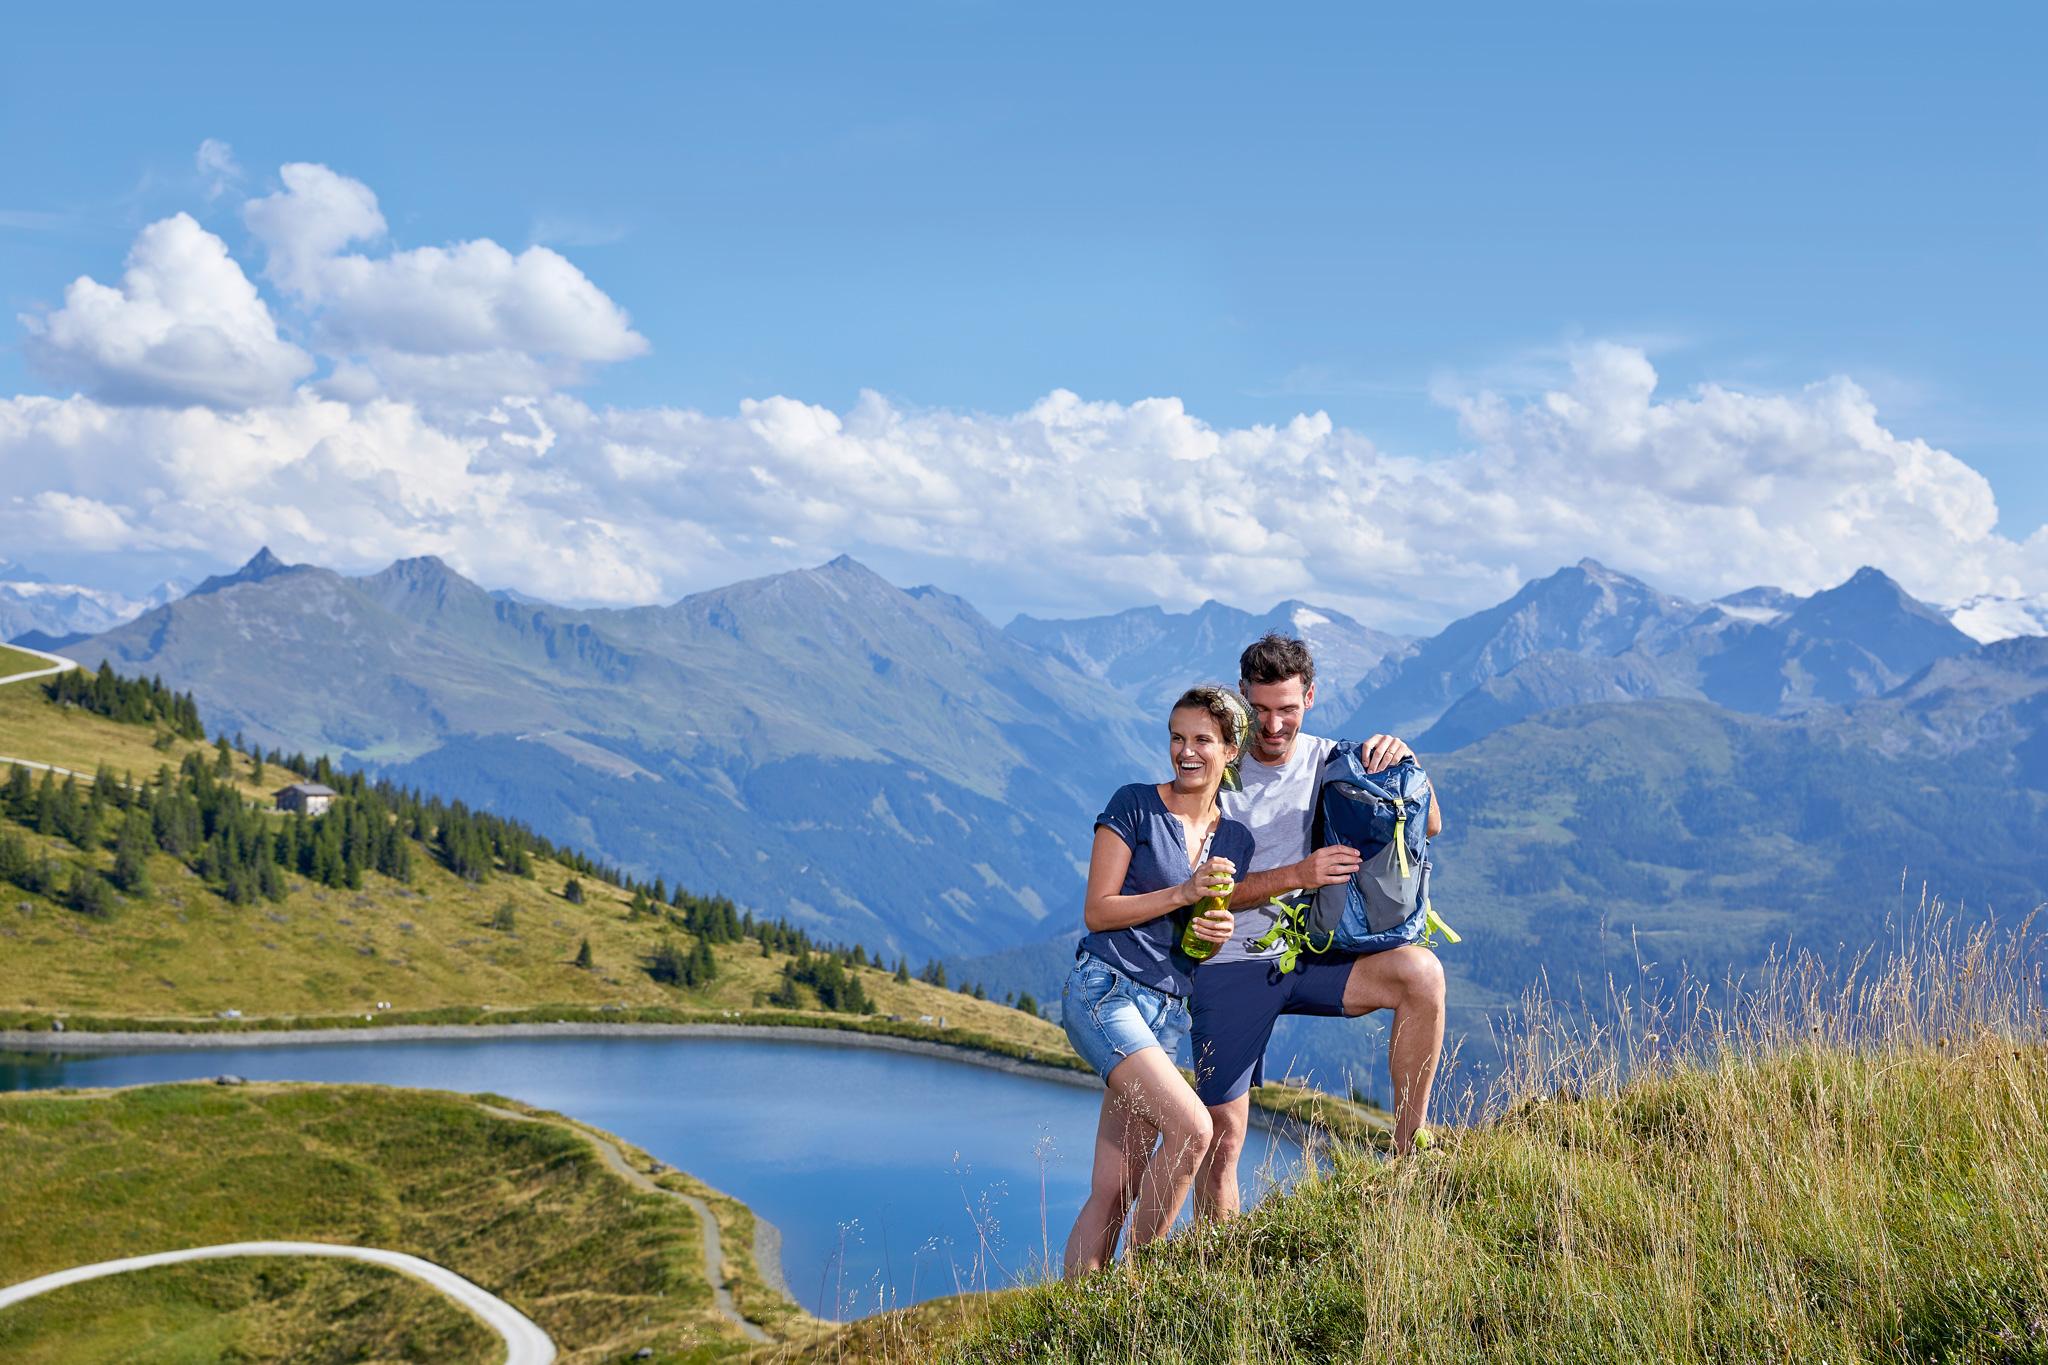 Der Panoramaweg auf der Resterhöhe bietet wunderschöne Bergpanoramen und Aussichten Fotos: © Mittersill Plus GmbH/Michael Huber